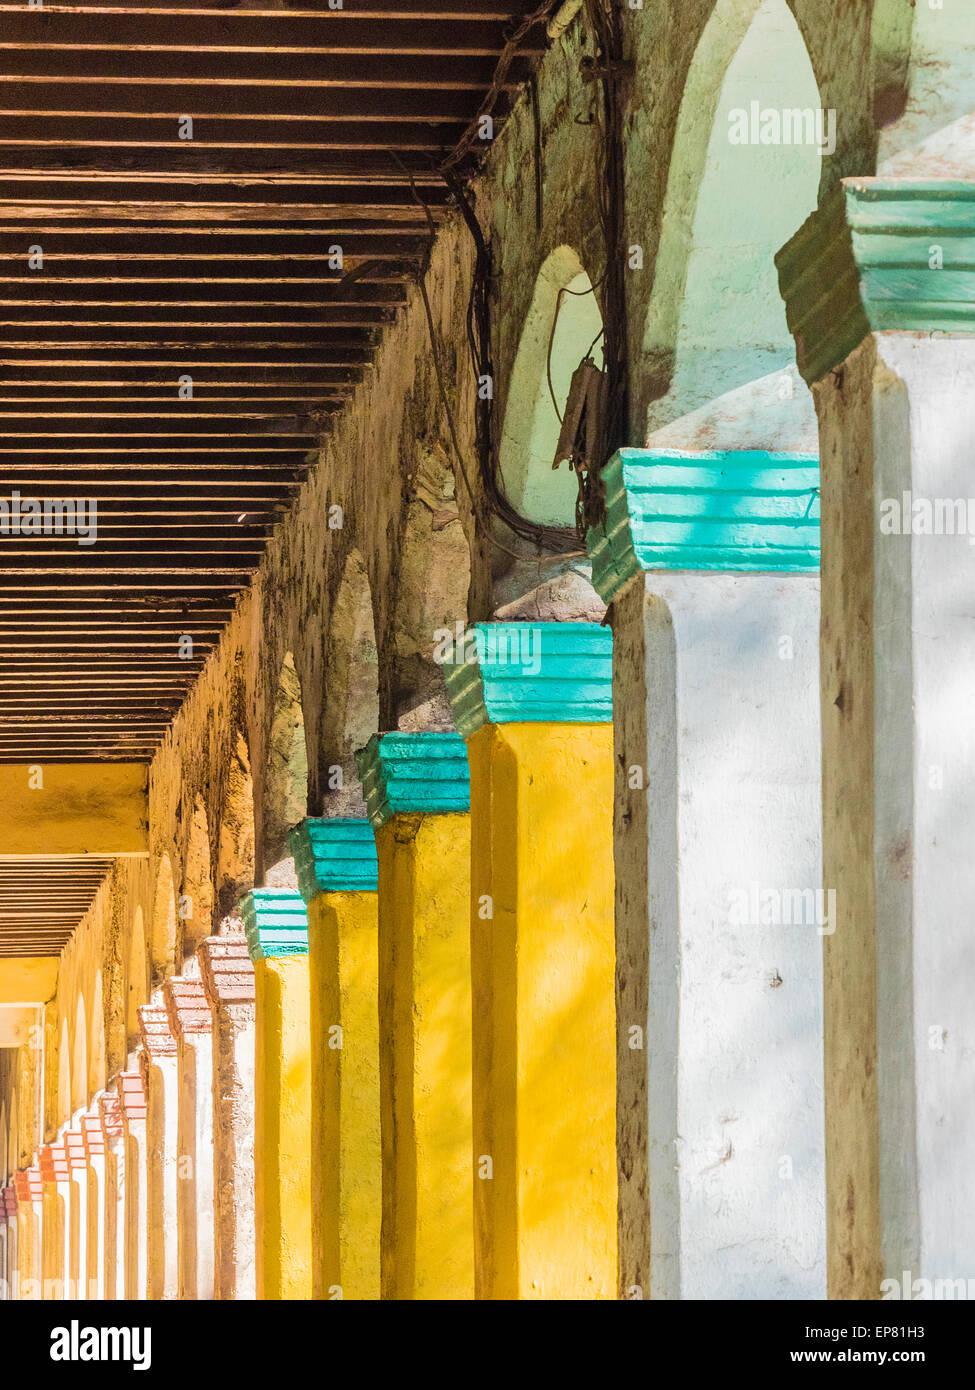 Sich wiederholendes Muster von bunten Decksteine auf Spalten in Havanna Vieja, Kuba. Stockbild